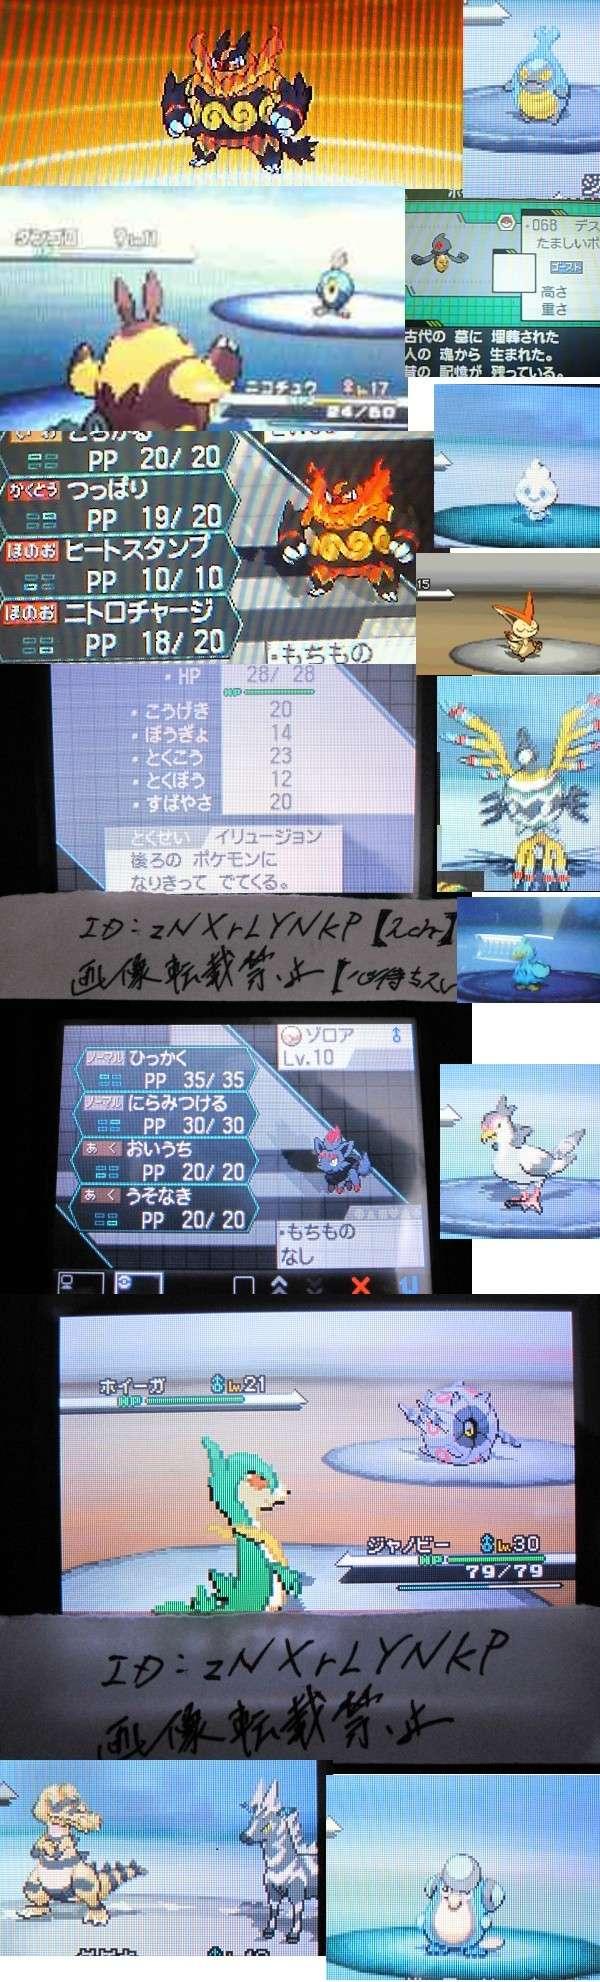 Pokémon Noir et Blanc : screen en pagaille 37411